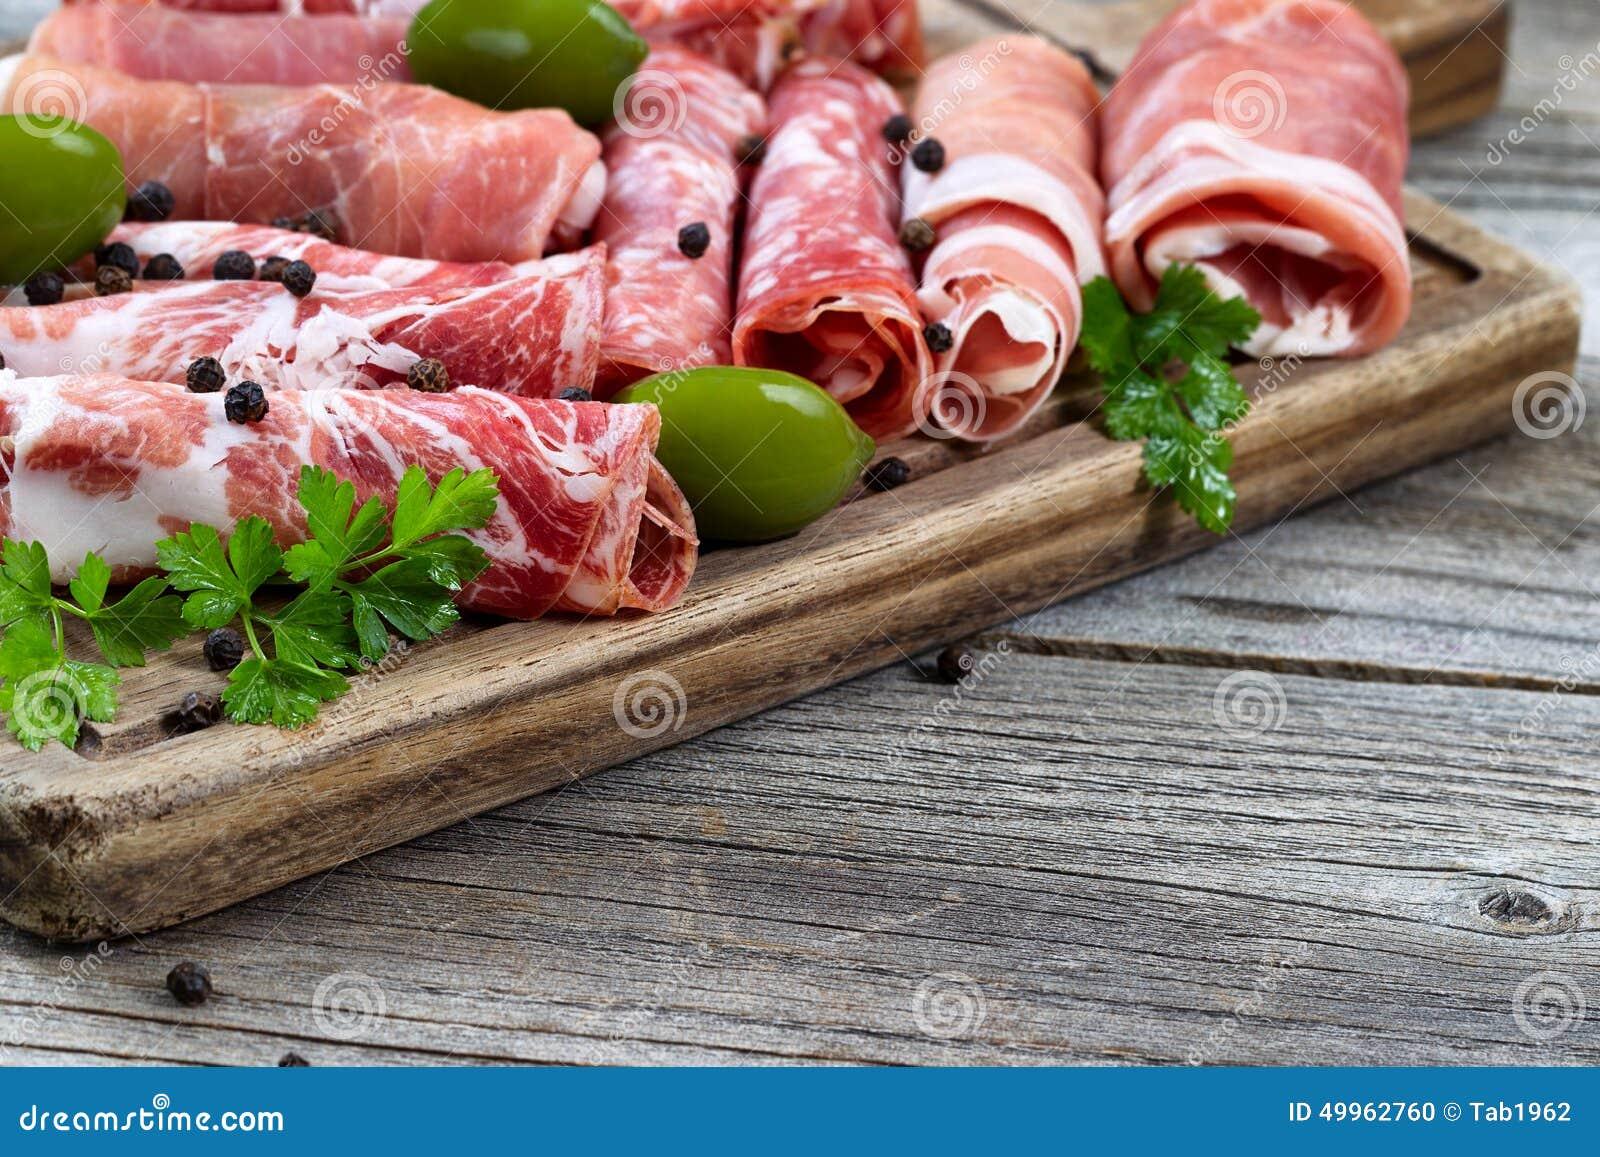 在服务的各种各样的生肉上有土气背景